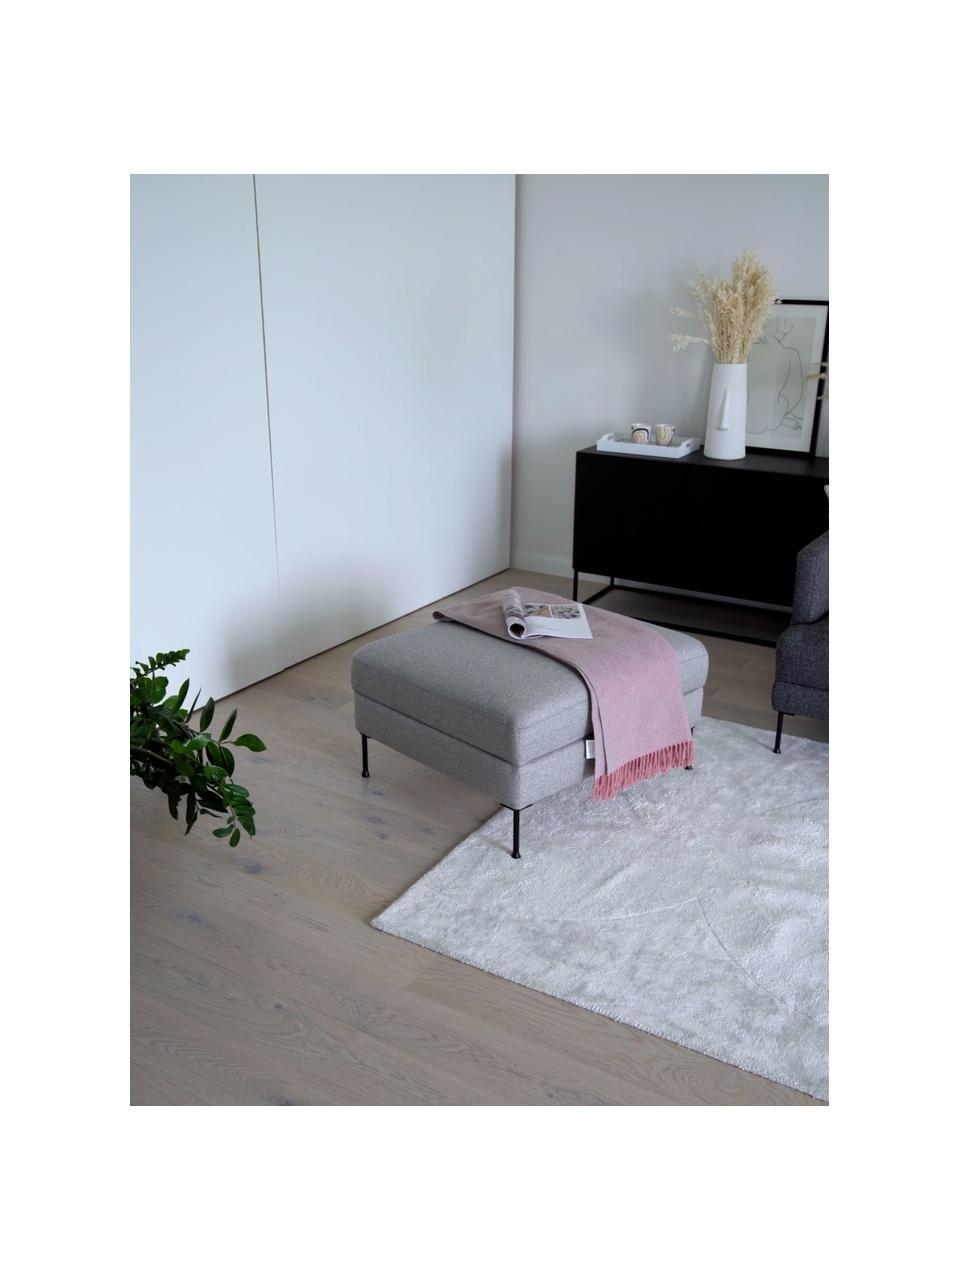 Voetenbank Cucita in lichtgrijs met opbergruimte, Bekleding: geweven stof (polyester), Frame: massief grenenhout, Poten: gelakt metaal, Lichtgrijs, 75 x 46 cm